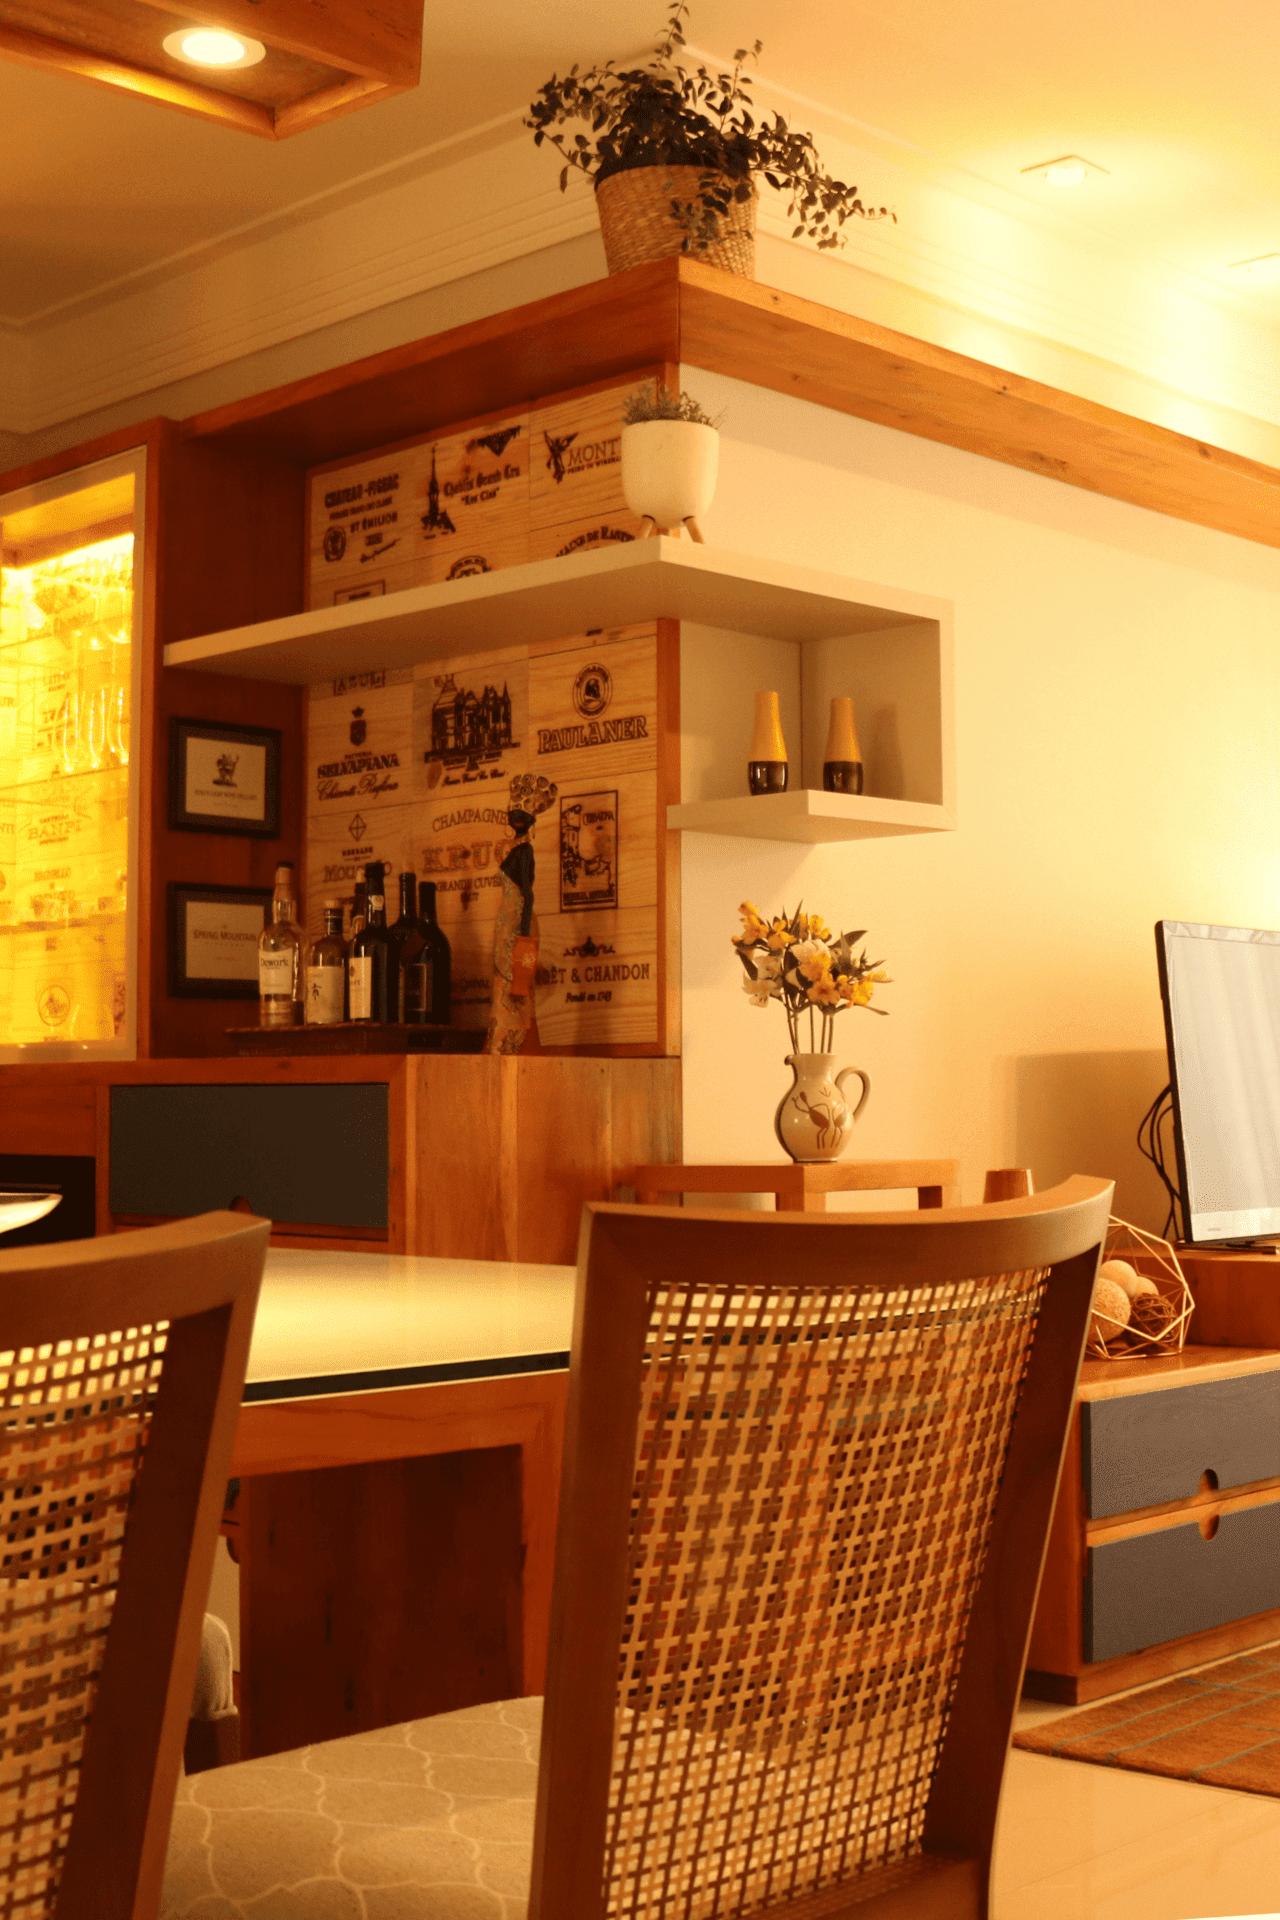 Design-de-Interiores-Teceart-Welcome-152-móveis-planejados-campinas